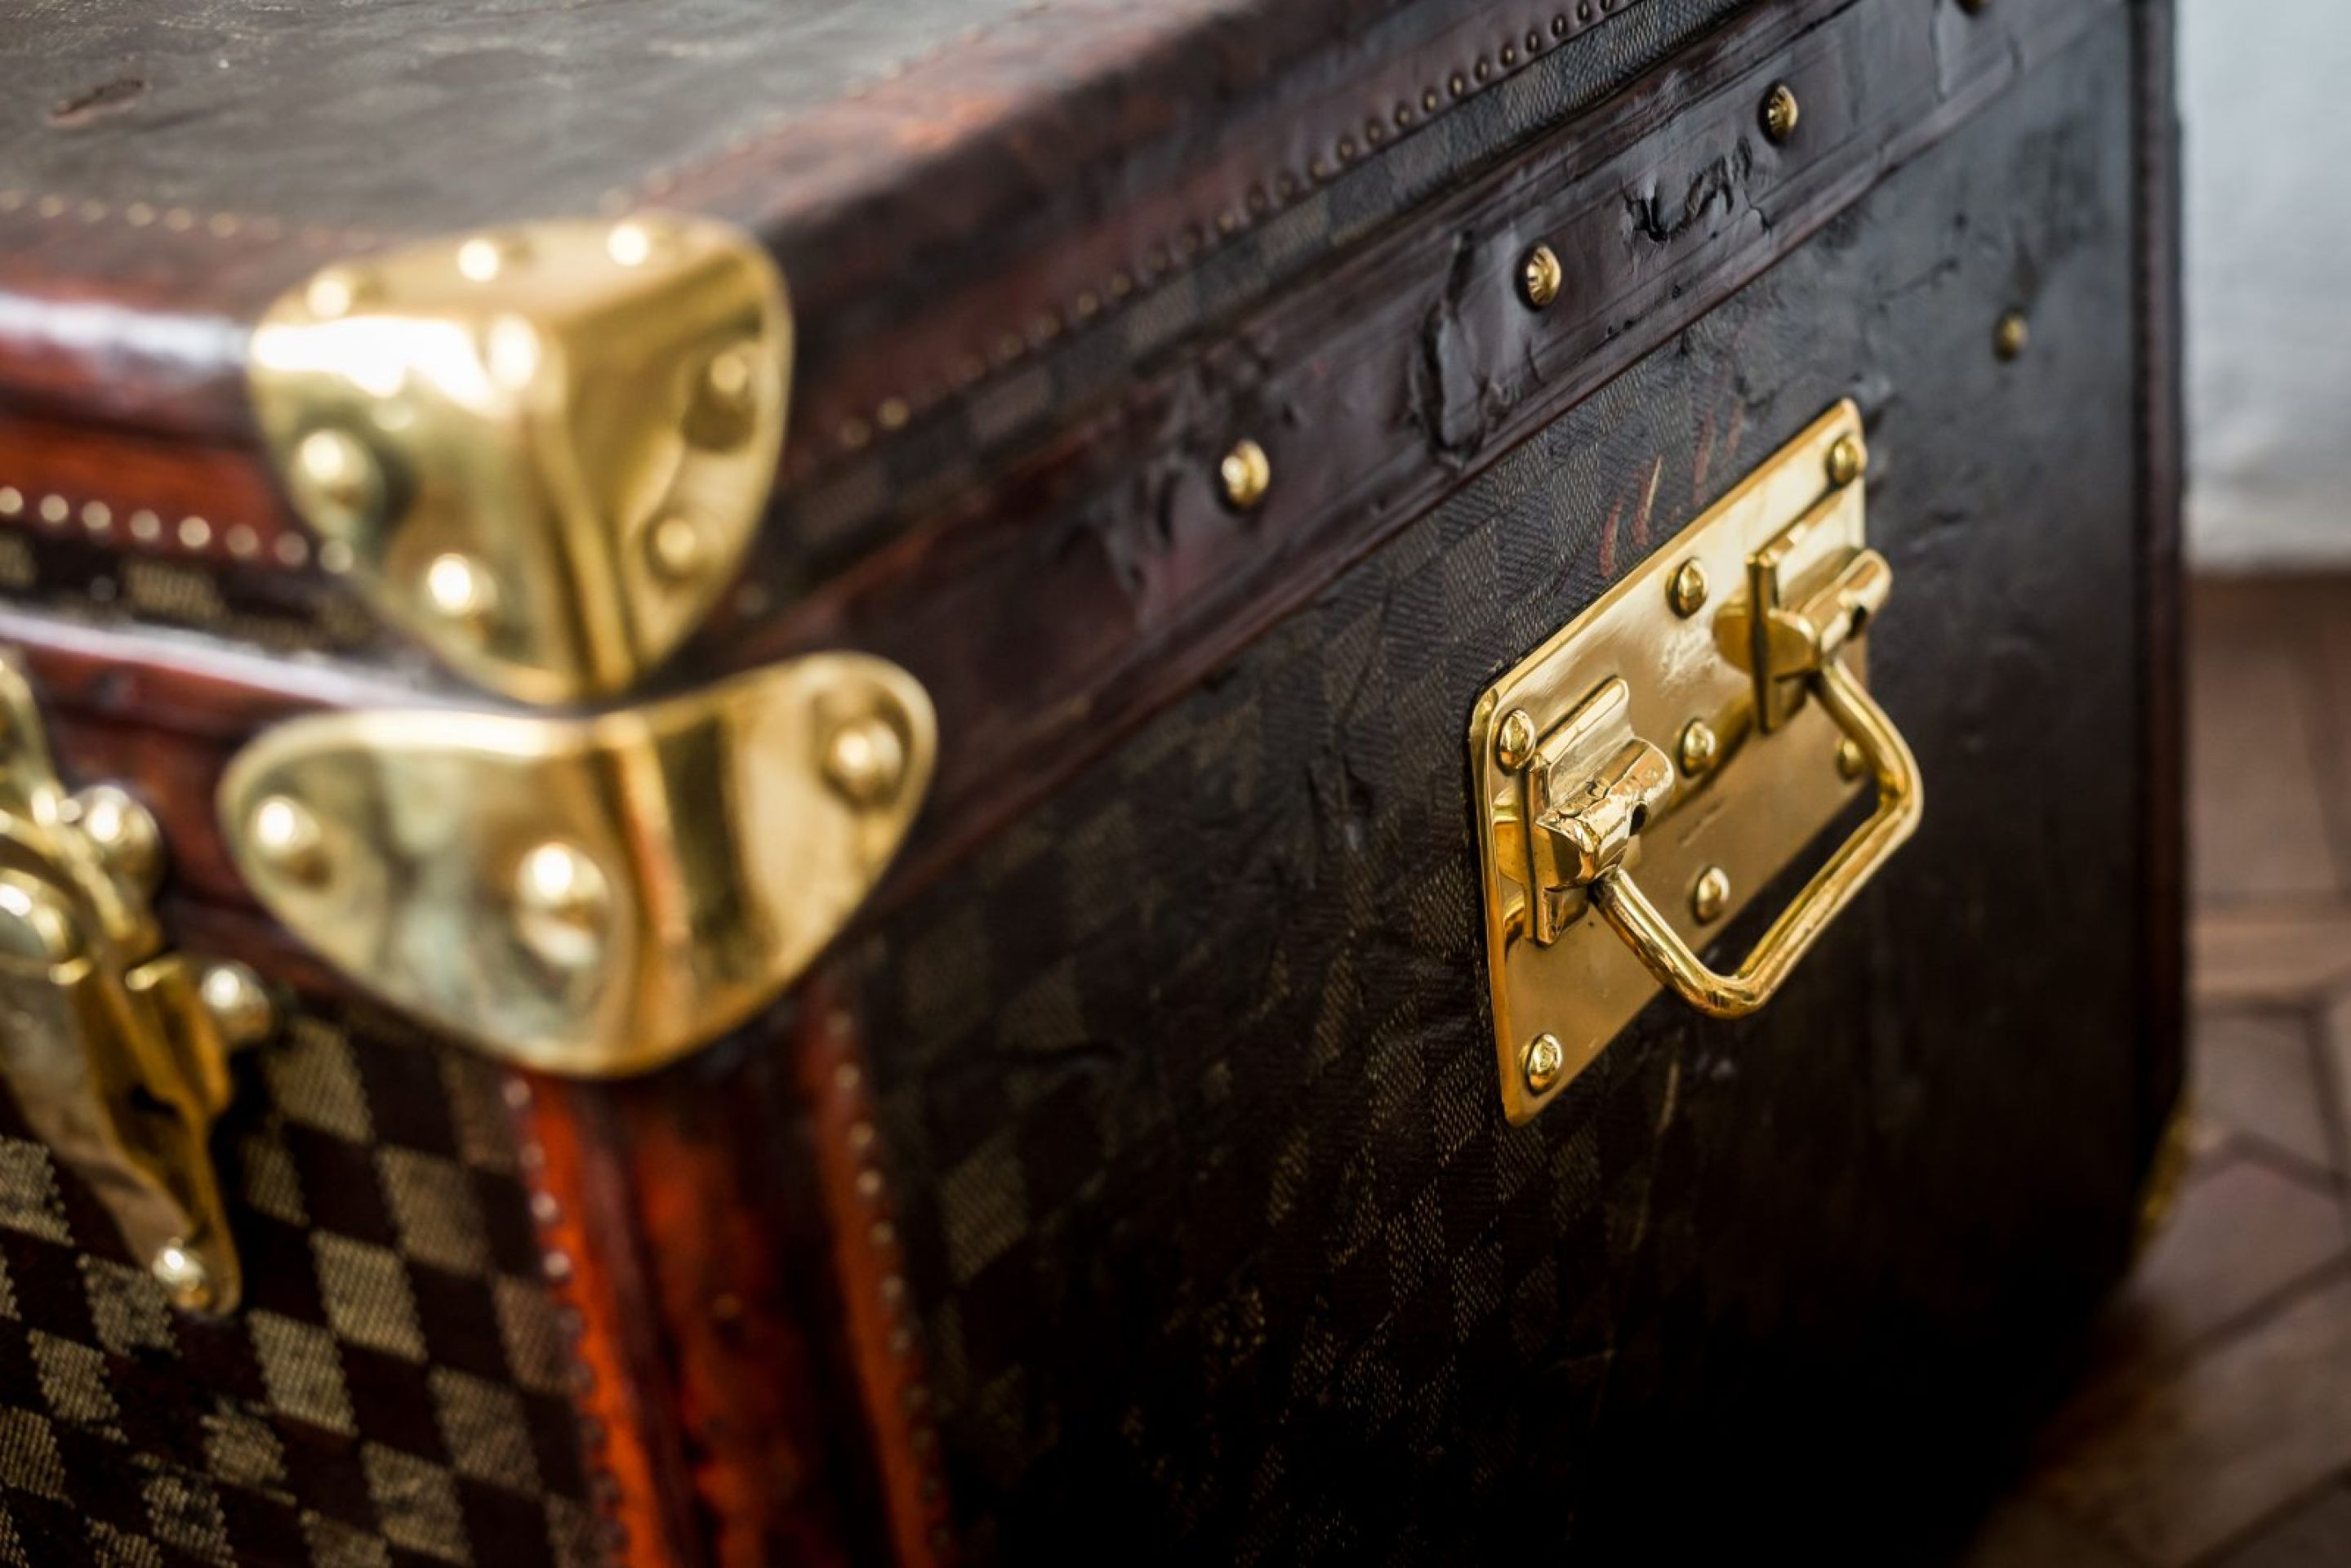 Louis Vuitton Damier Cube Accessory Trunk